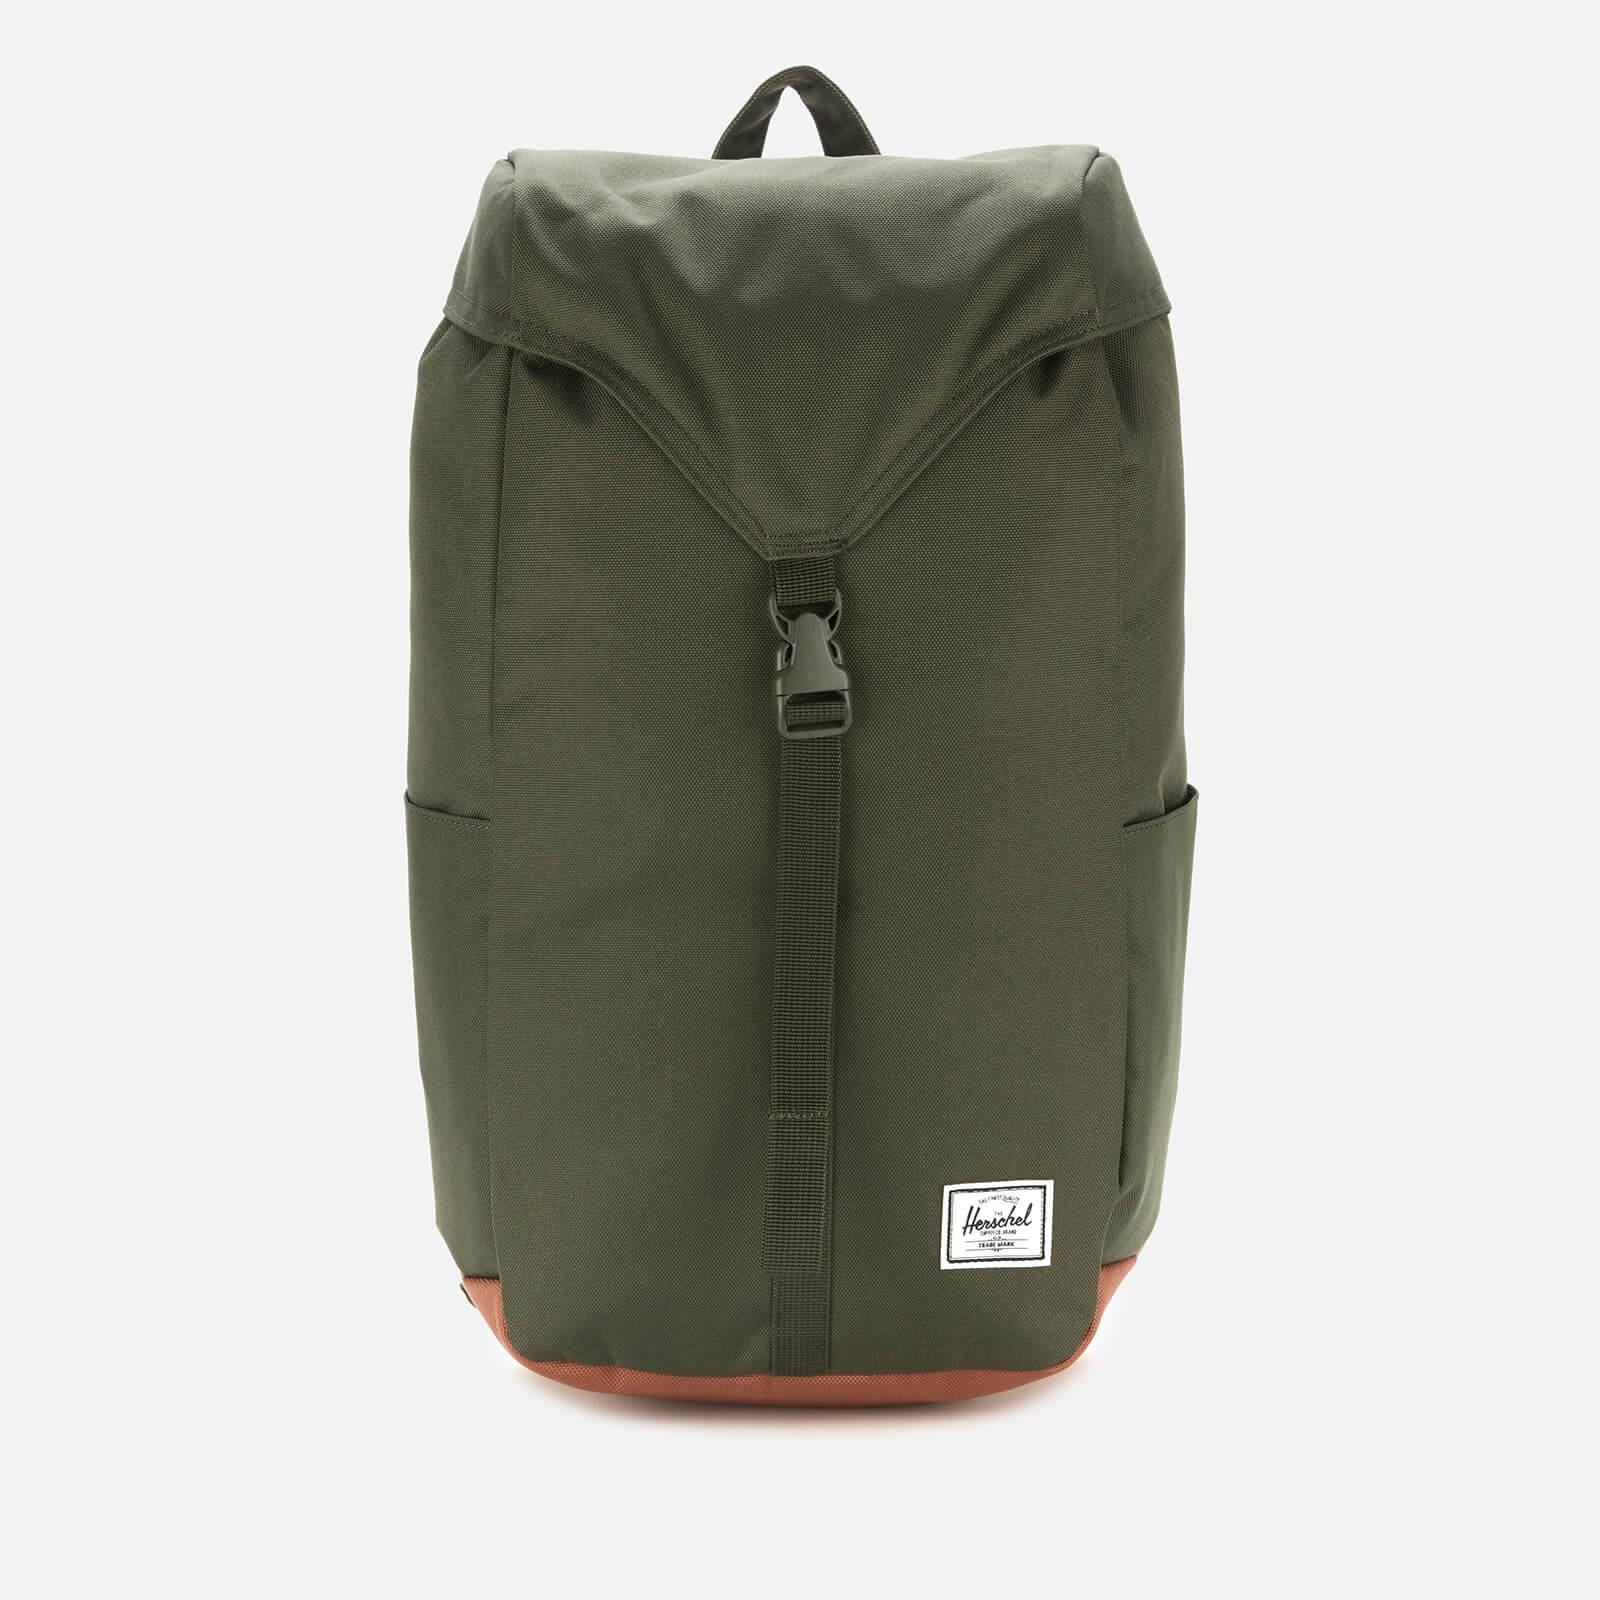 Herschel Supply Co. Men's Thompson Back Pack - Dark Olive/Saddle Brown